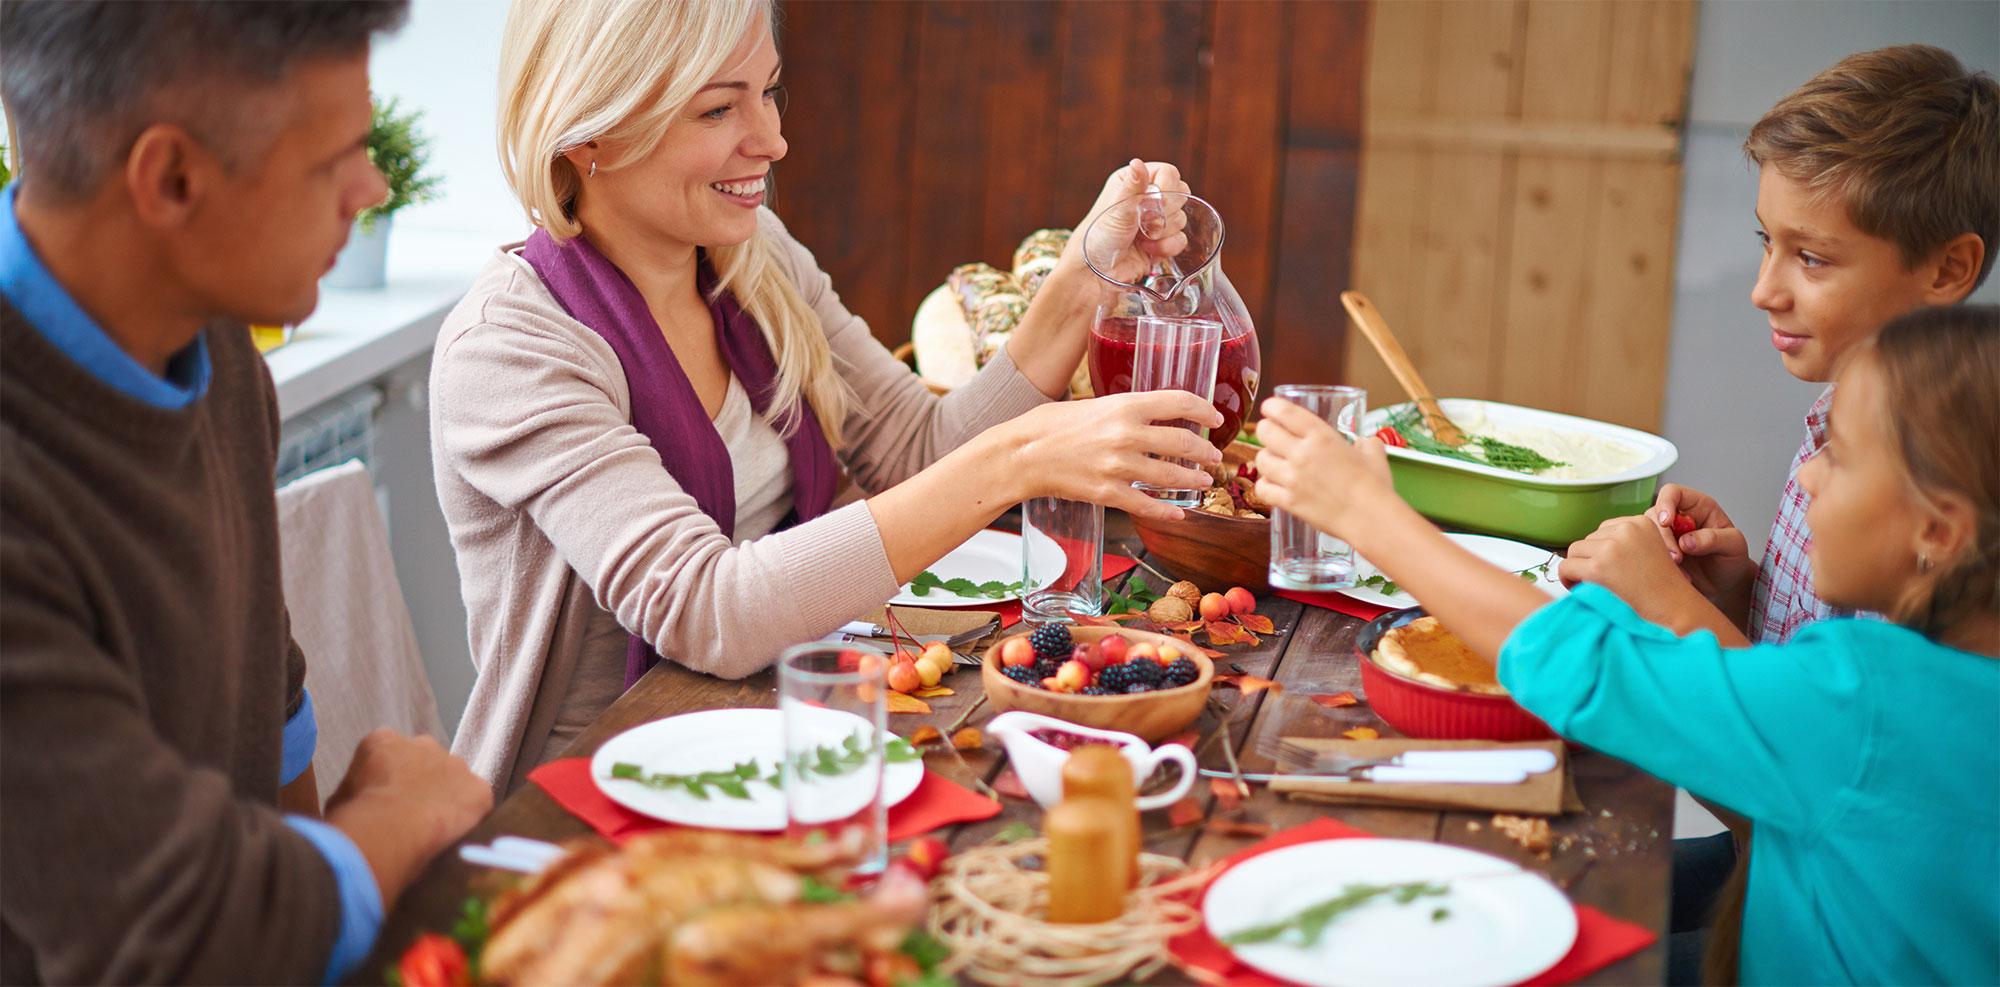 Evite bebidas durante a refeição